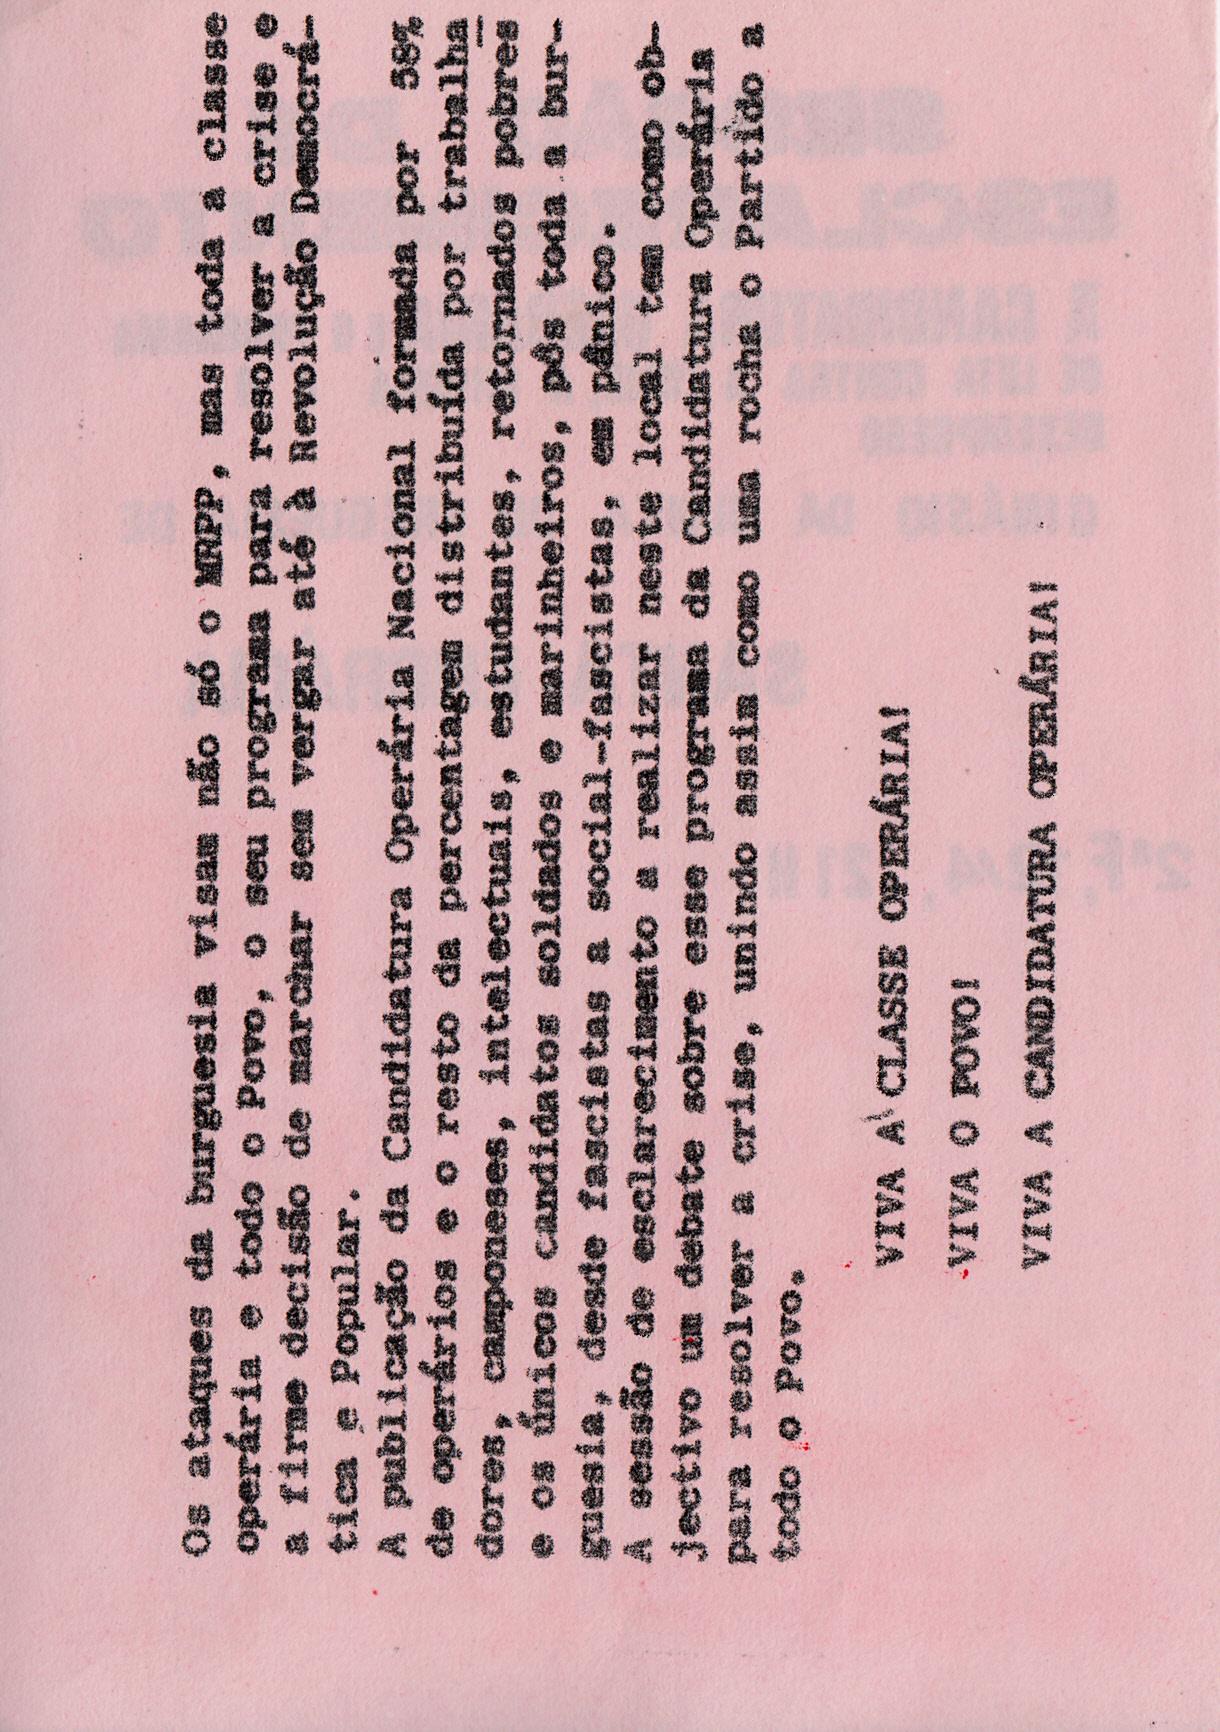 MRPP_1976_04_12_x_0002